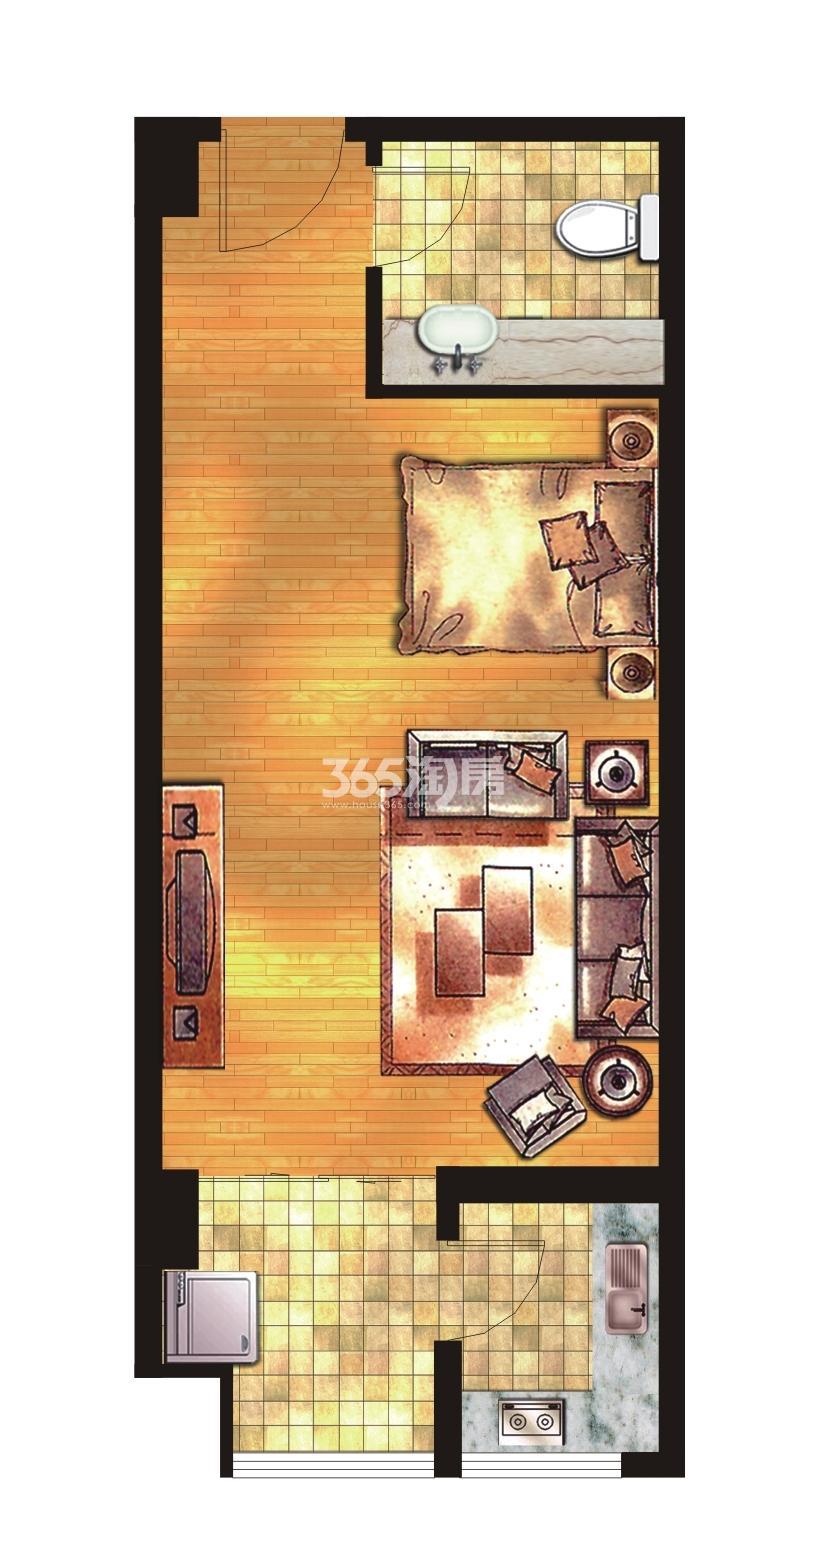 荣华碧水蓝庭公寓57㎡一房一厅